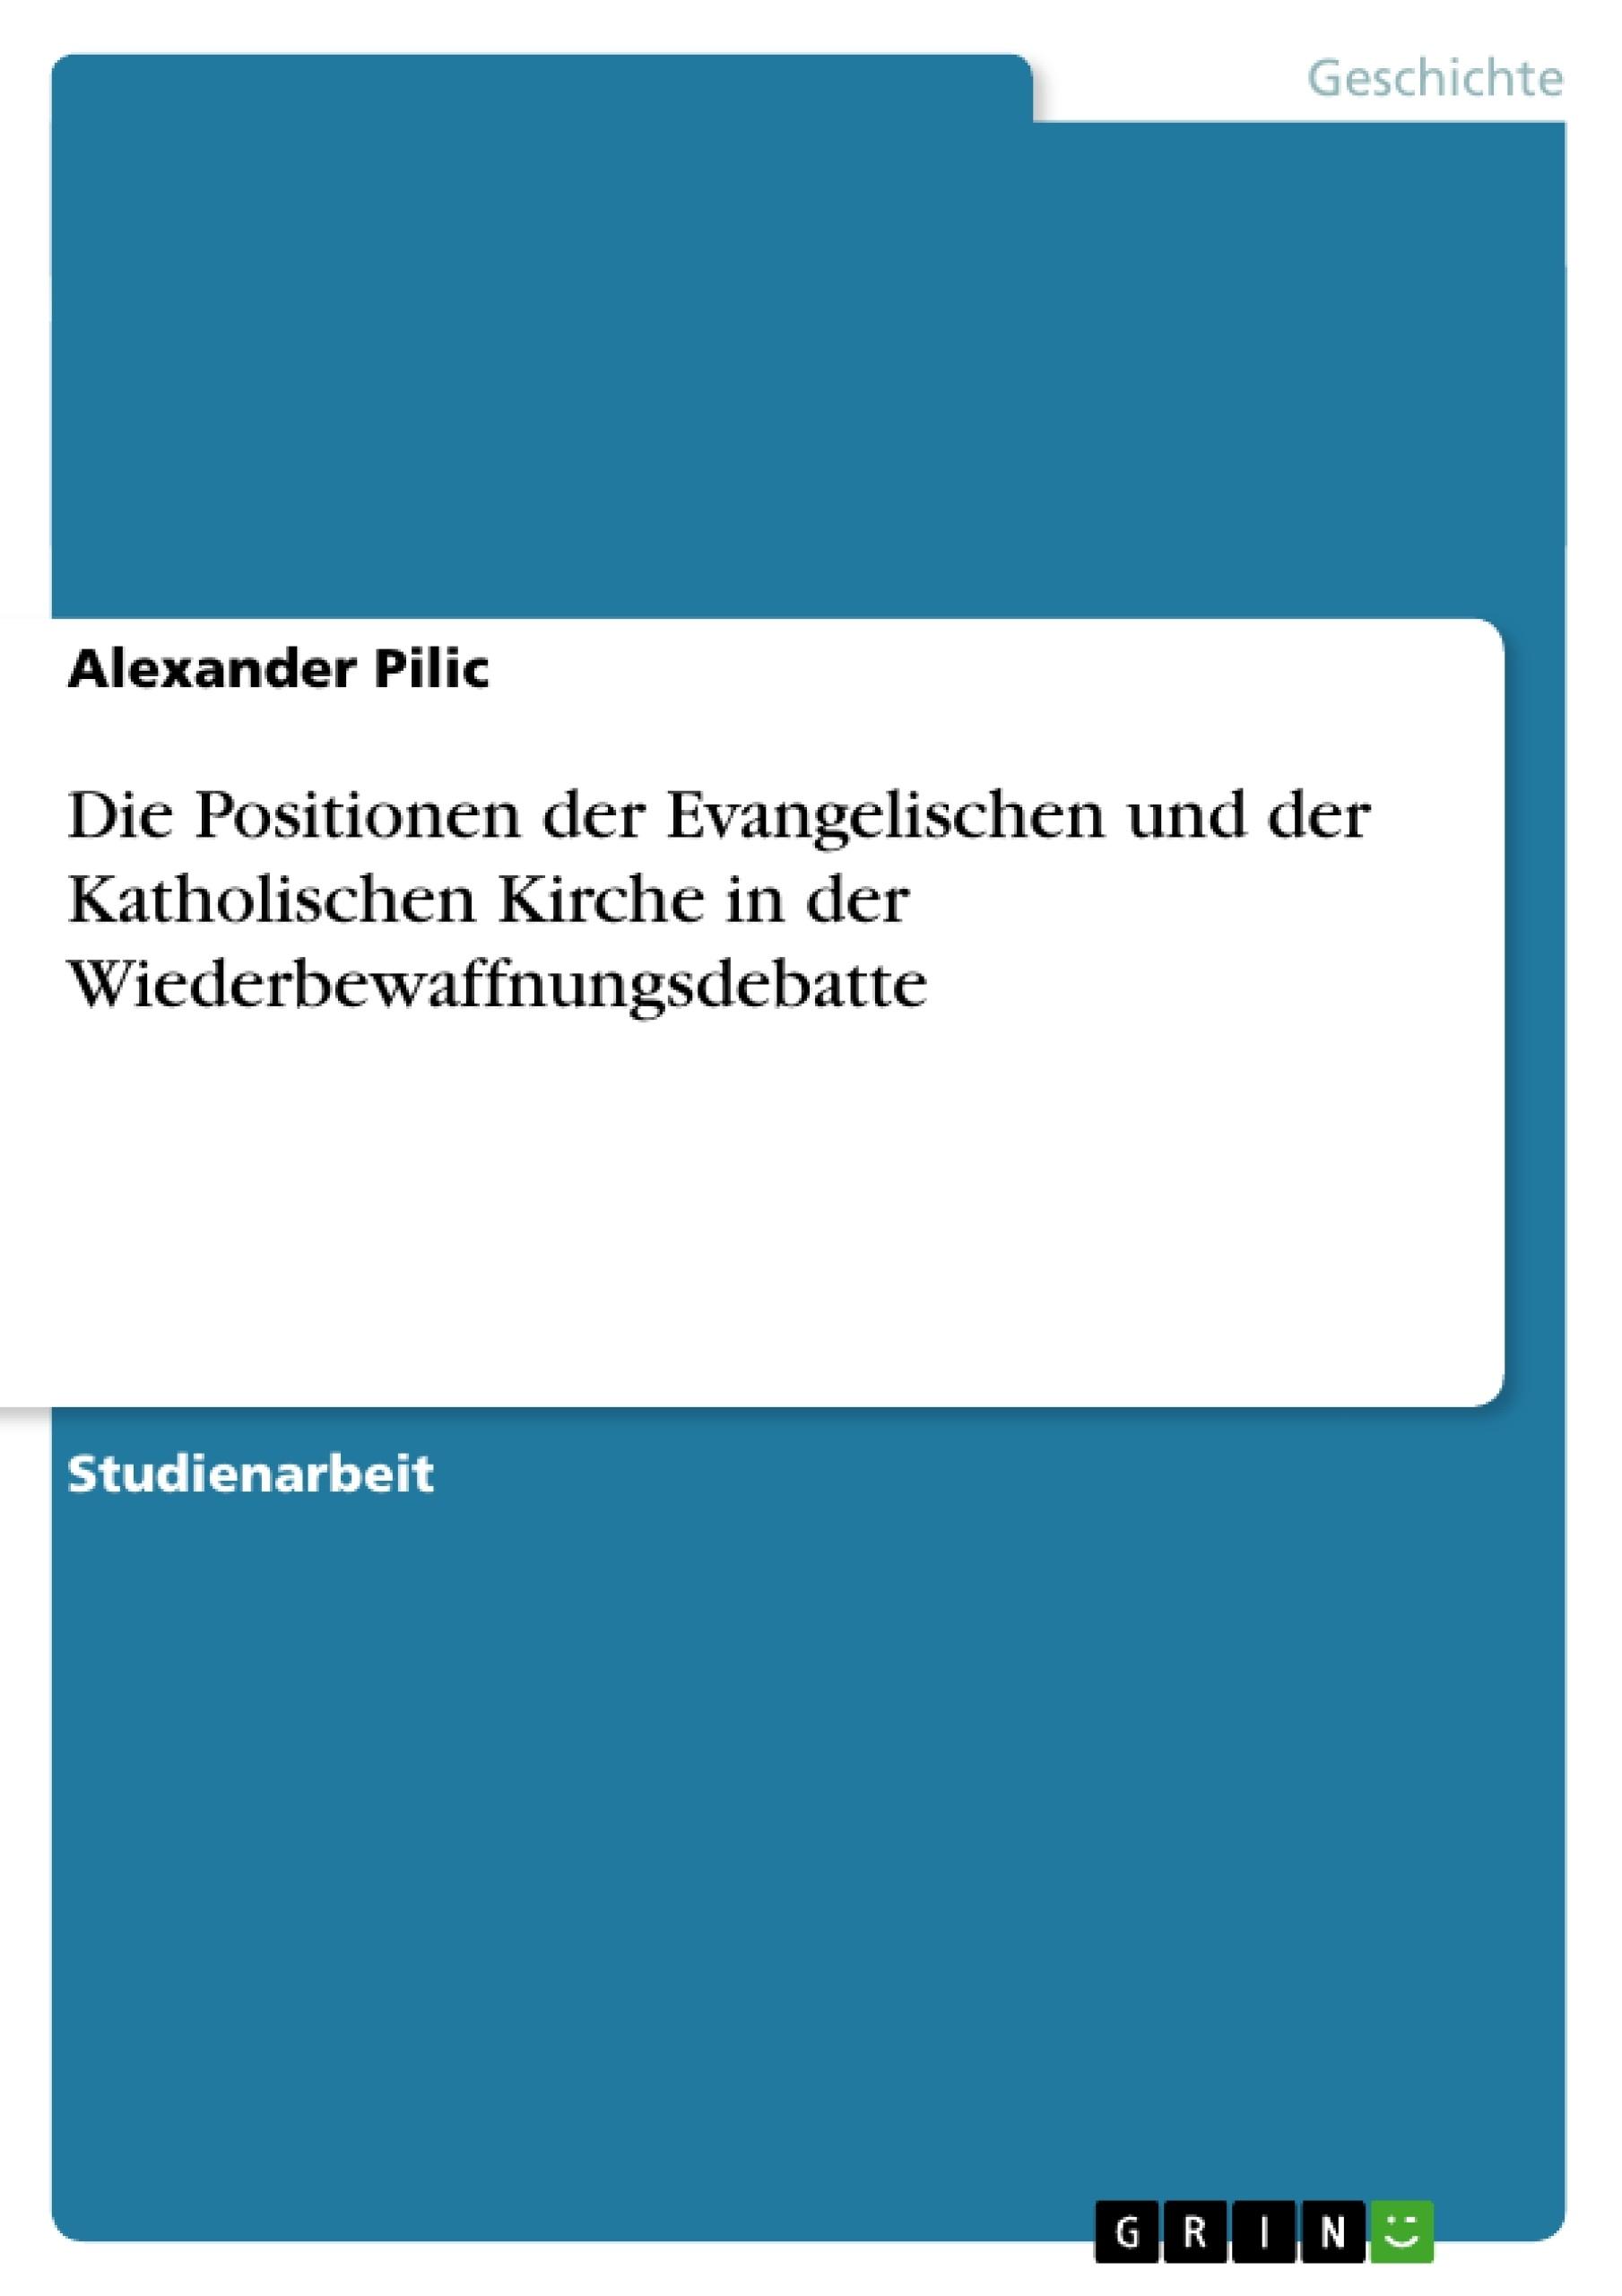 Titel: Die Positionen der Evangelischen und der Katholischen Kirche in der Wiederbewaffnungsdebatte